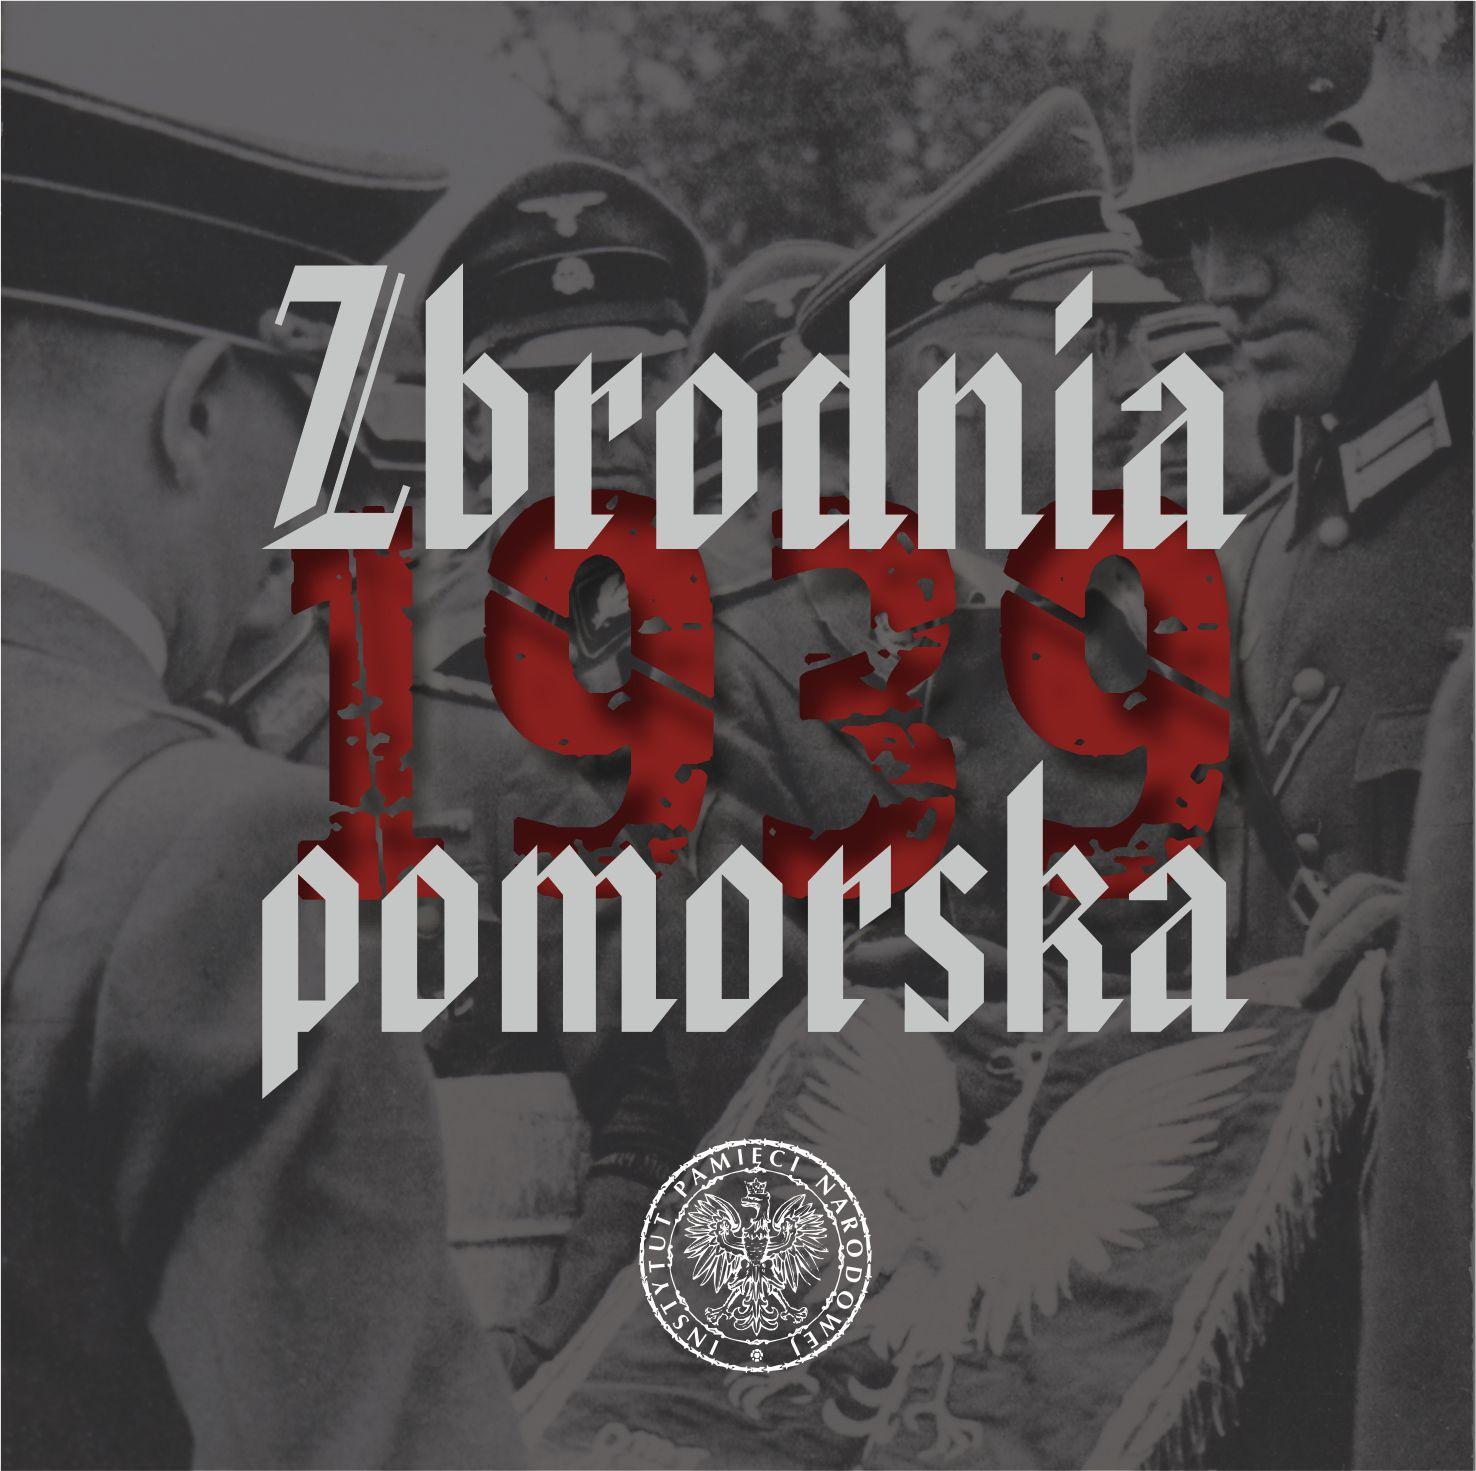 """Okładka płyty """"Zbrodnia pomorska 1939"""""""